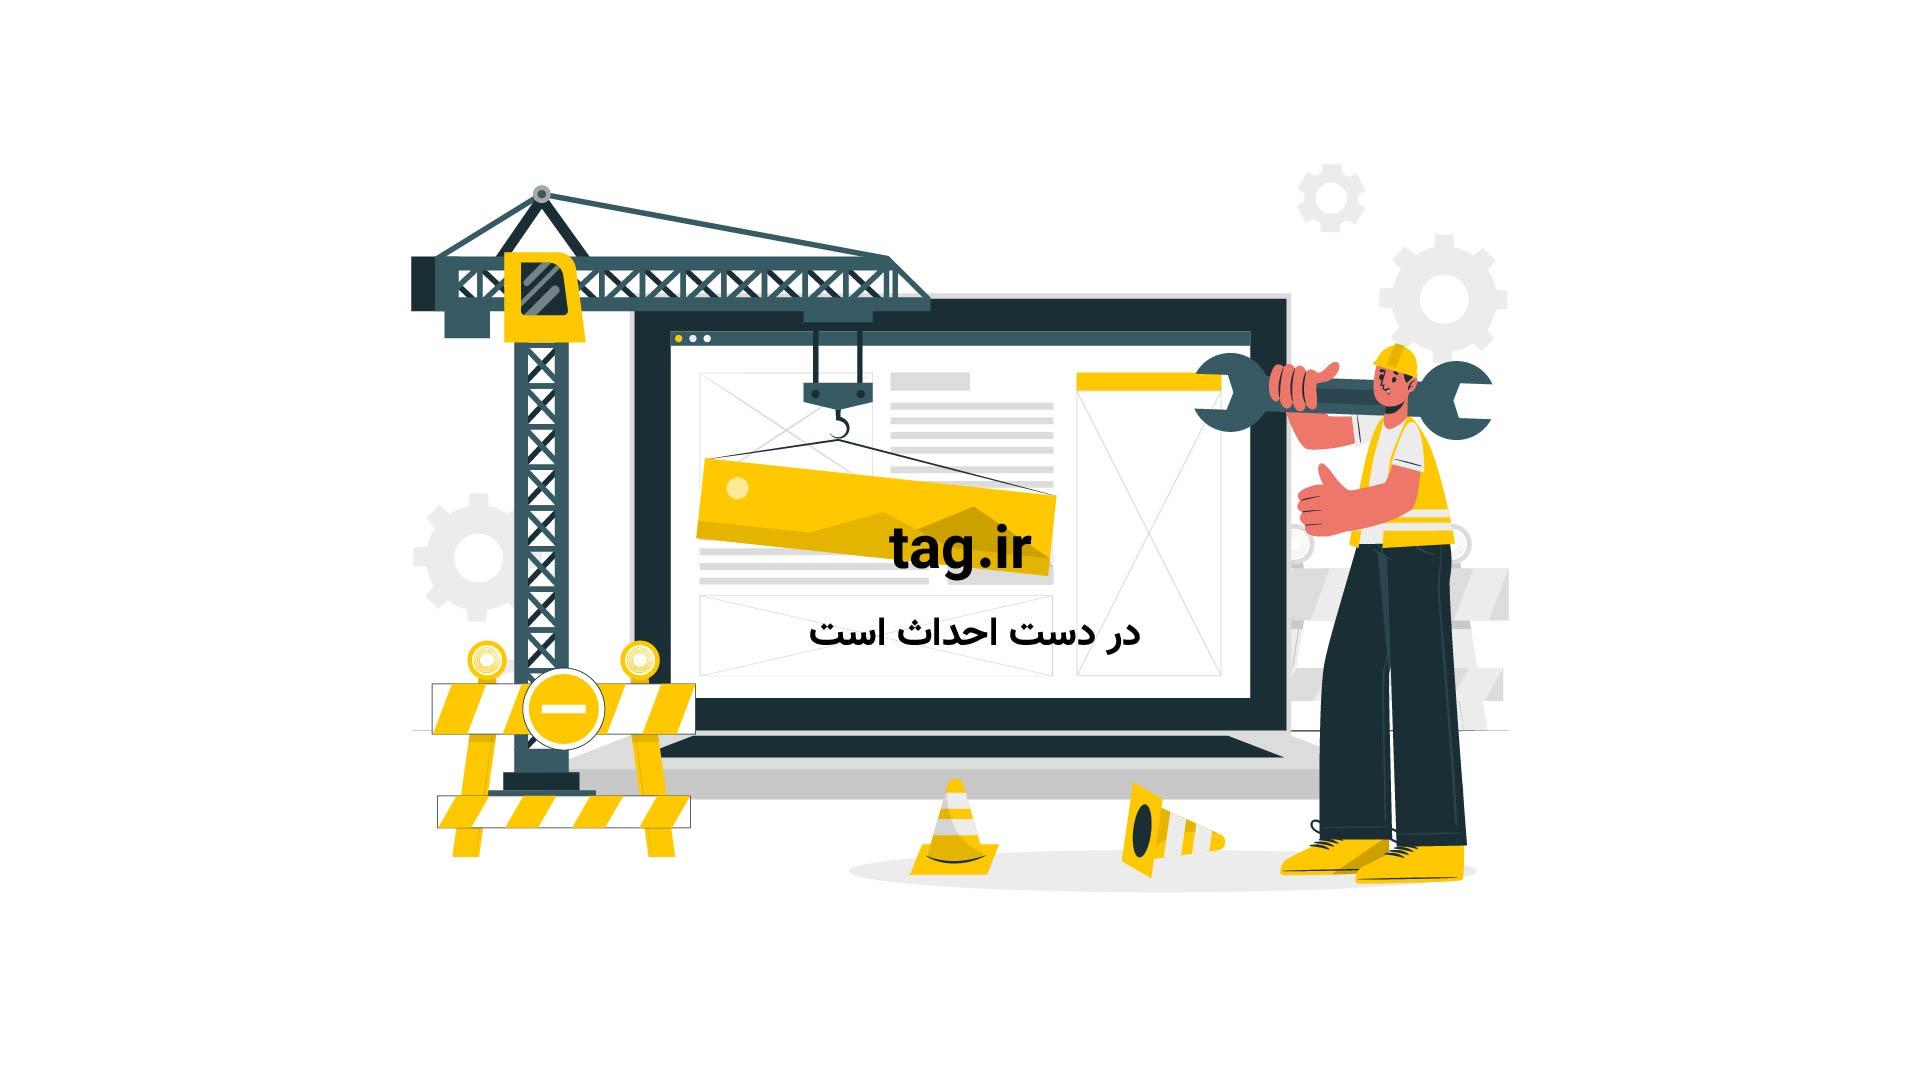 عناوین روزنامه های اقتصادی شنبه 31 تیر | فیلم